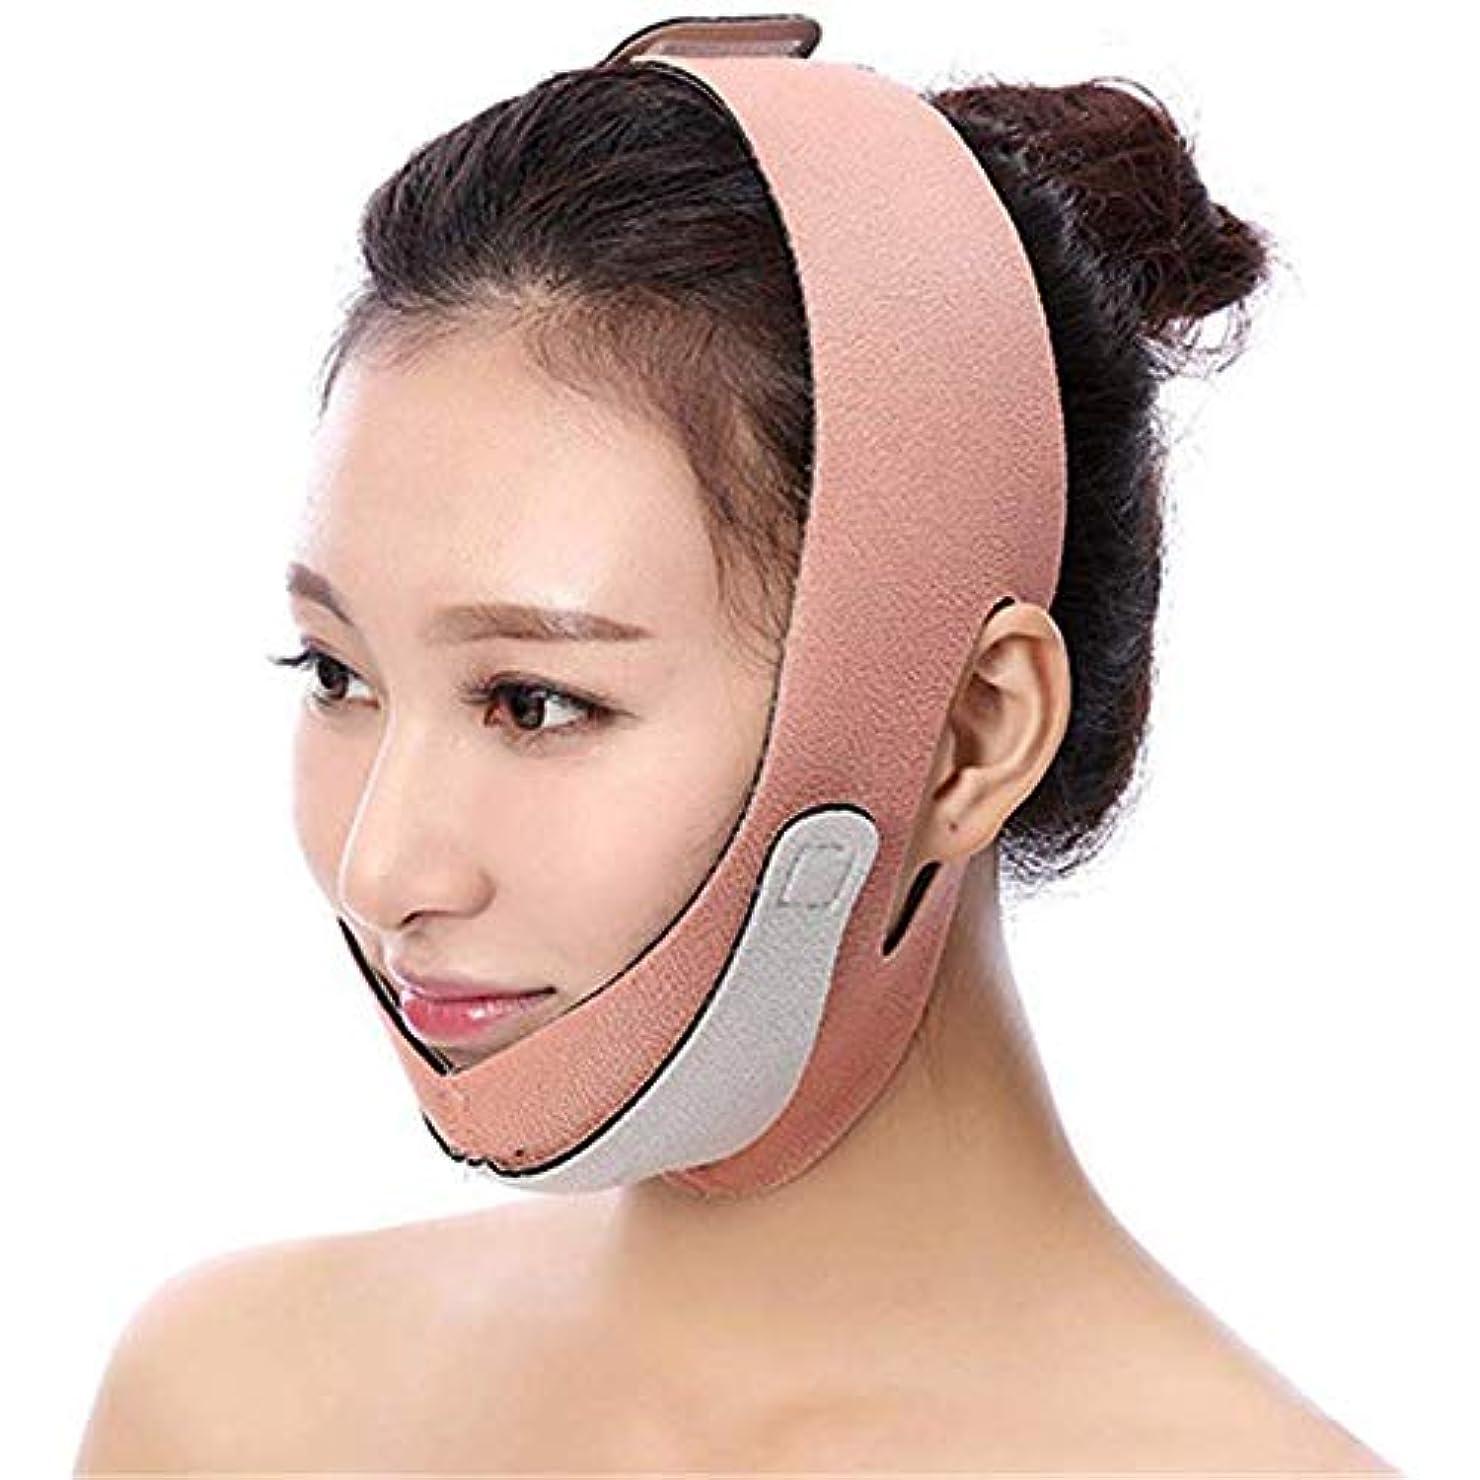 代表暗い秘書WSJTT 顔のスリミングチンストラップ - チンをエイジングアンチフェイシャルマスクを持ち上げ - 皮膚のたるみ二重あごケア減量フェイスベルト、Vフェイスライン包帯ネックサポートフェイシャルリフトを排除